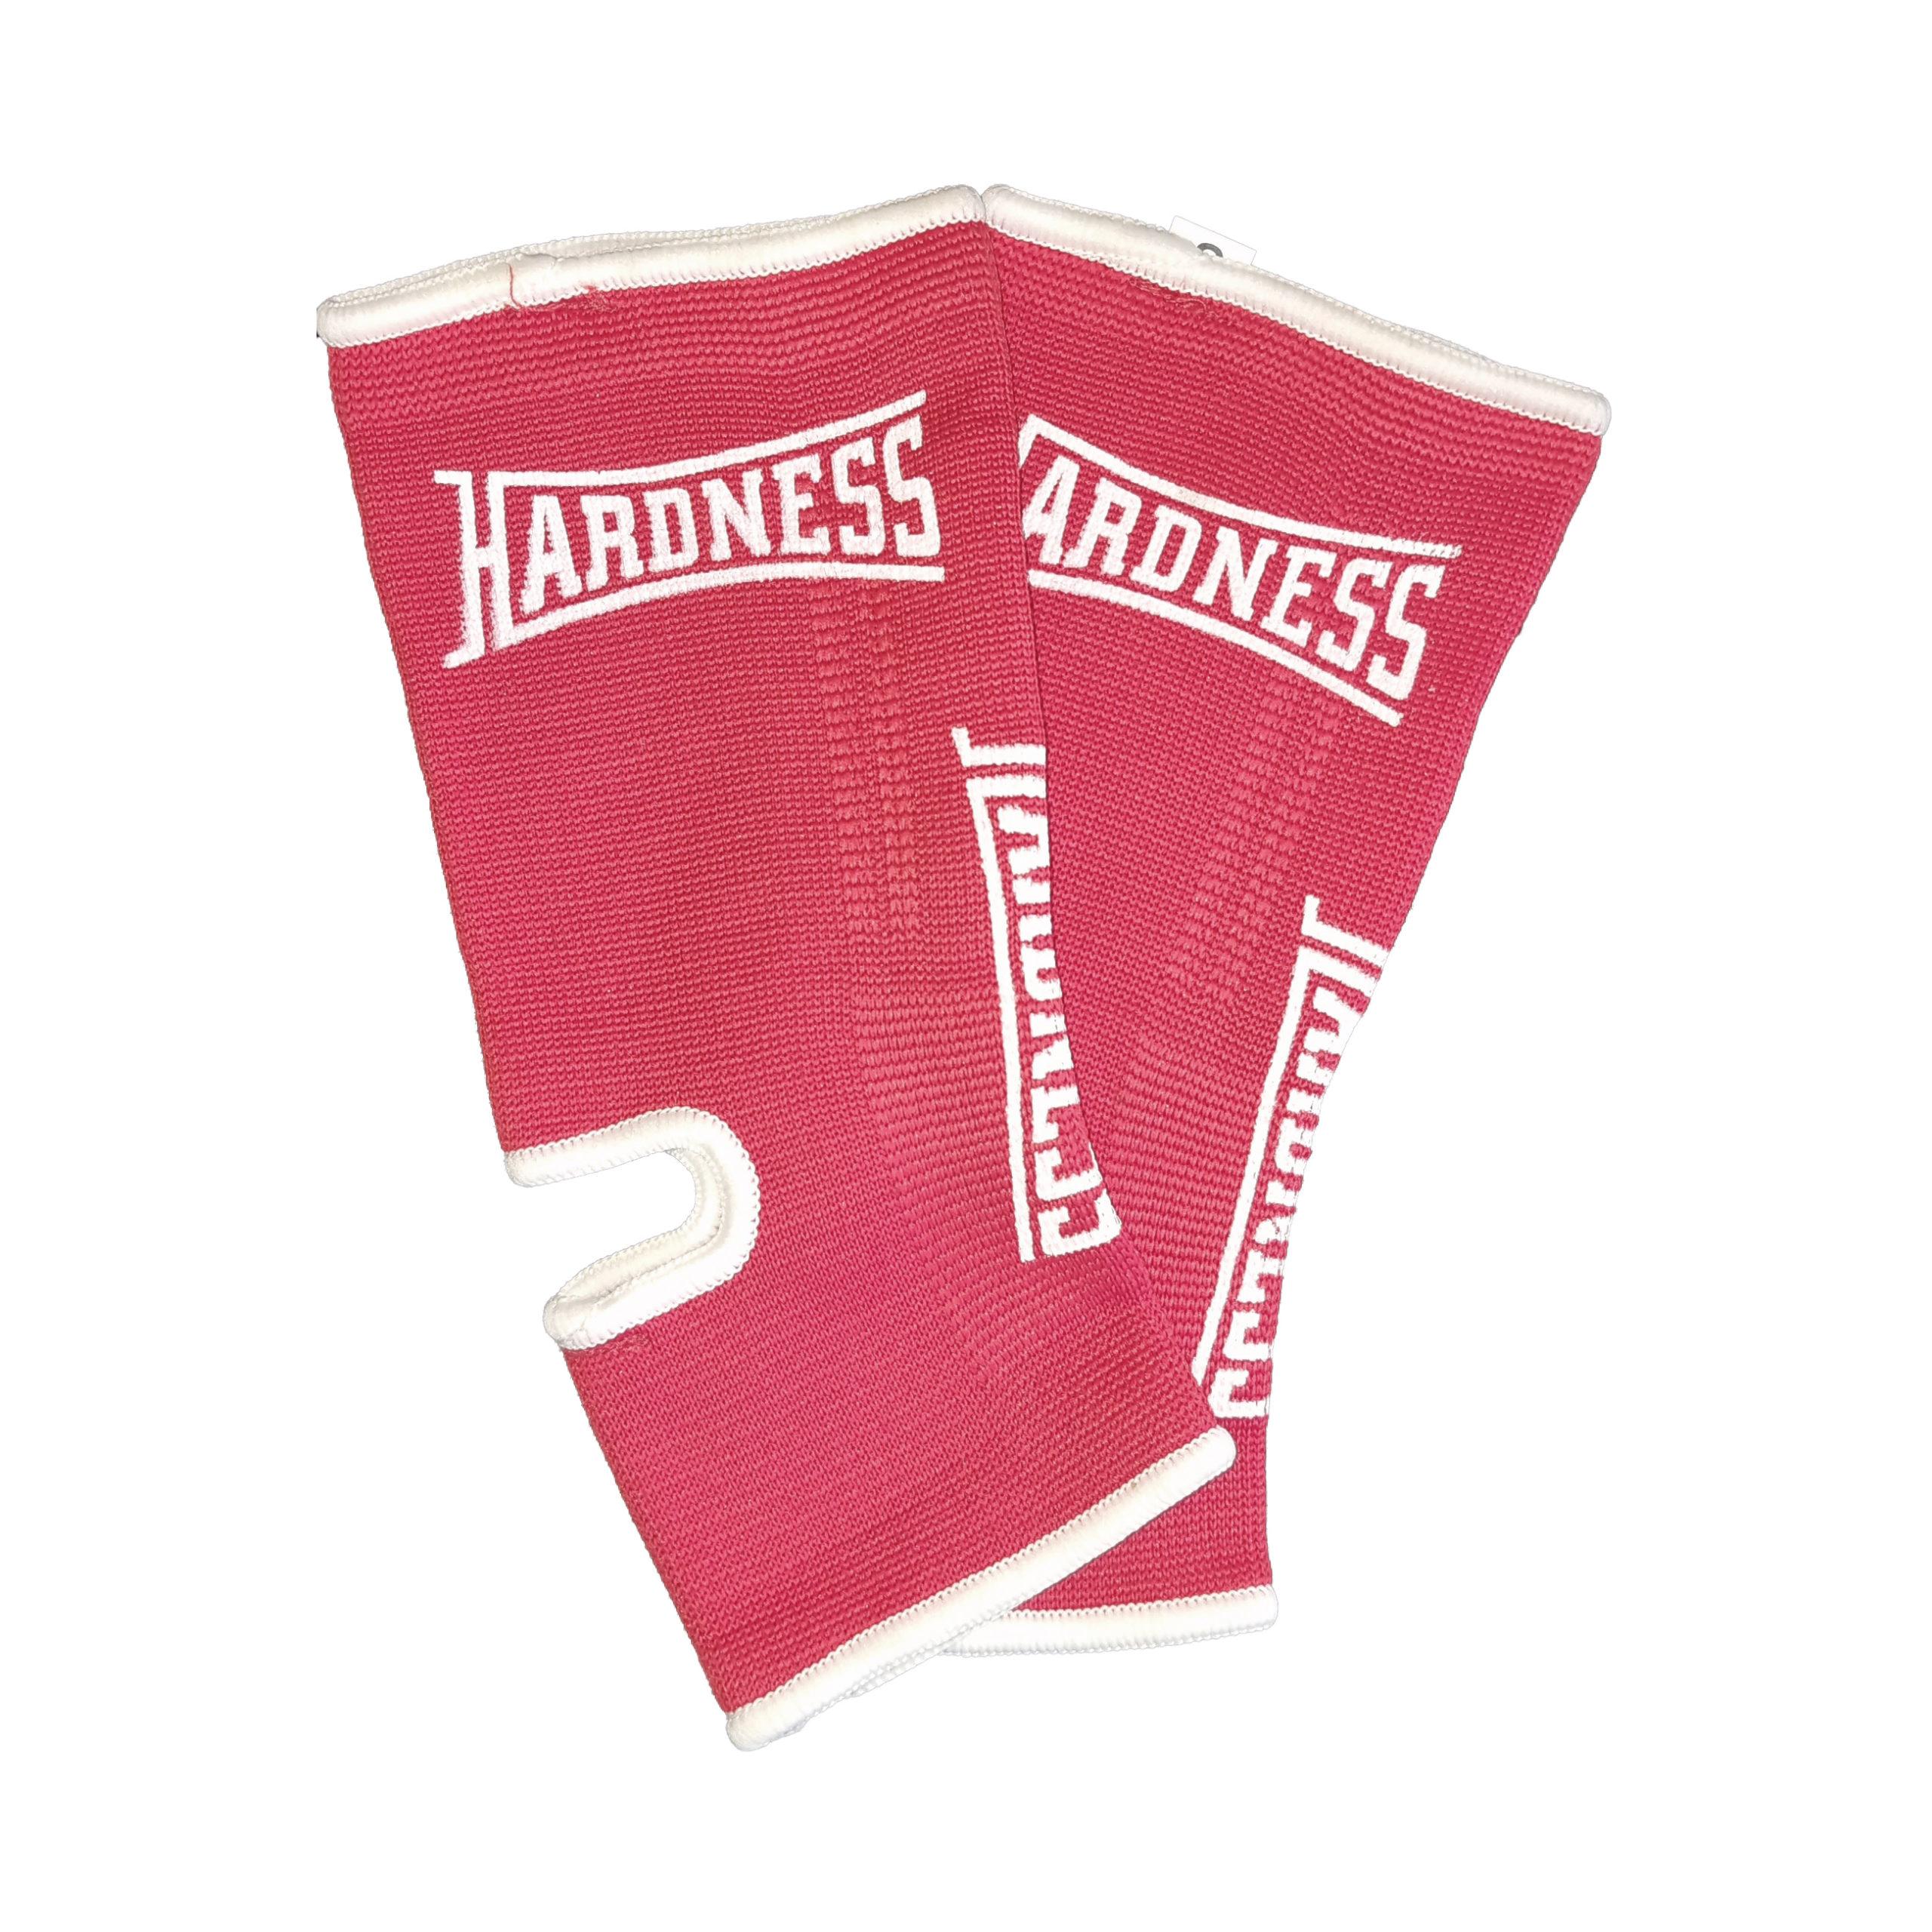 Hardness Enkelkousen B-Stock - Rood met wit